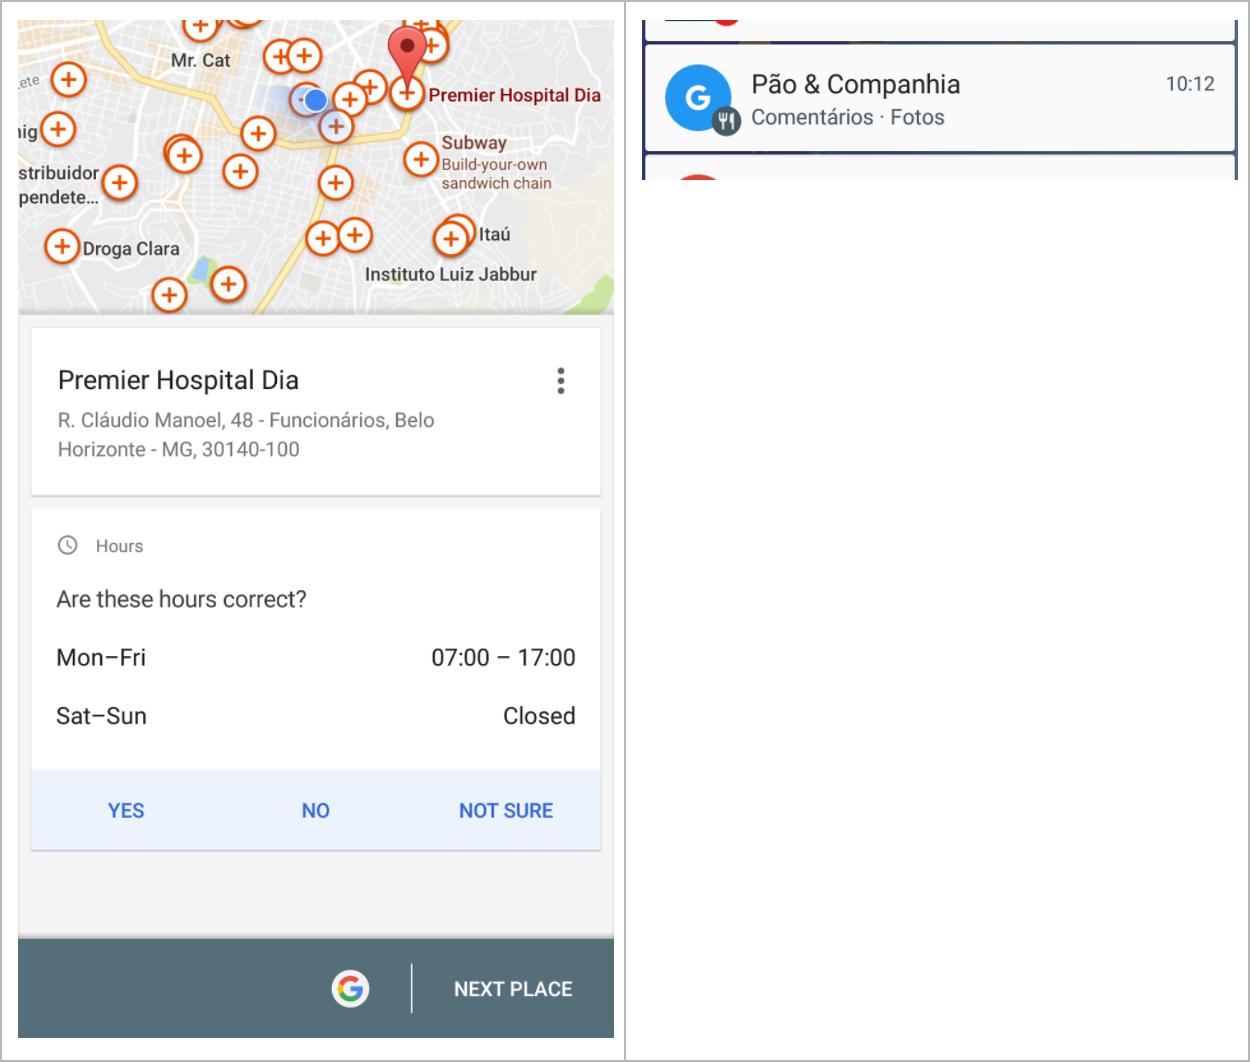 Tela para usuário contribuir com informações locais pendentes e notificação exibida quando o usuário está em determinada localidade, da função Guia Local